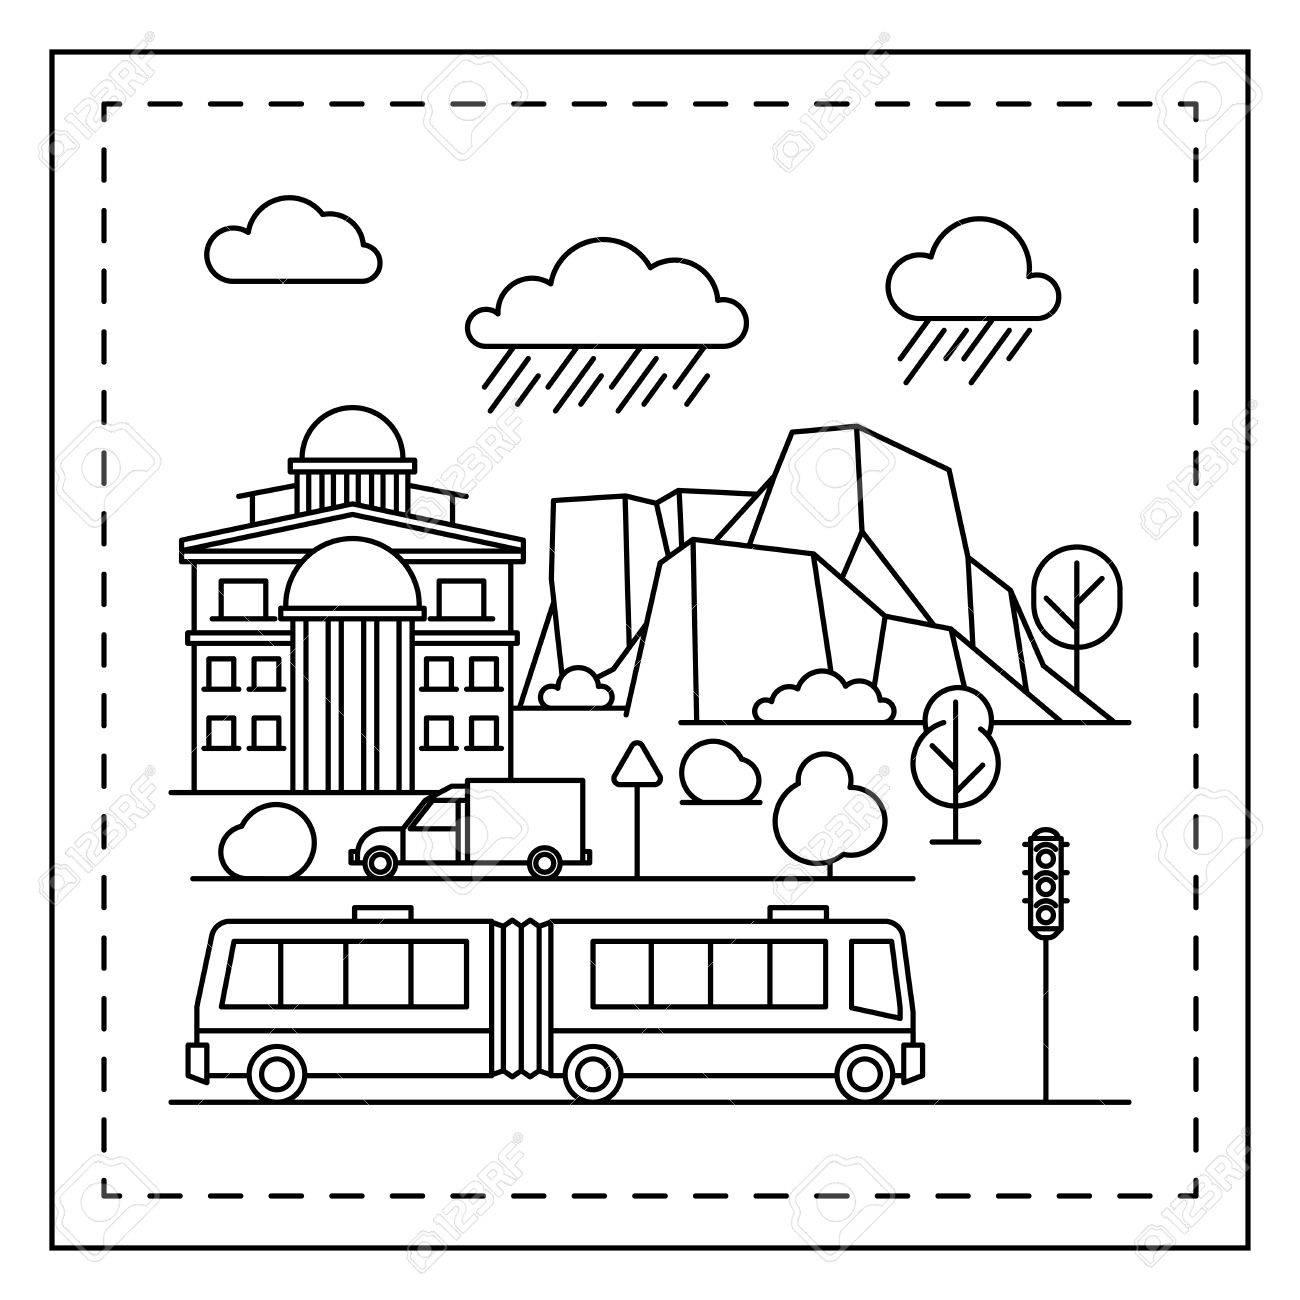 Malvorlage Für Kinder Mit Häusern, Bäumen, Bergen, Trolleybus Und ...